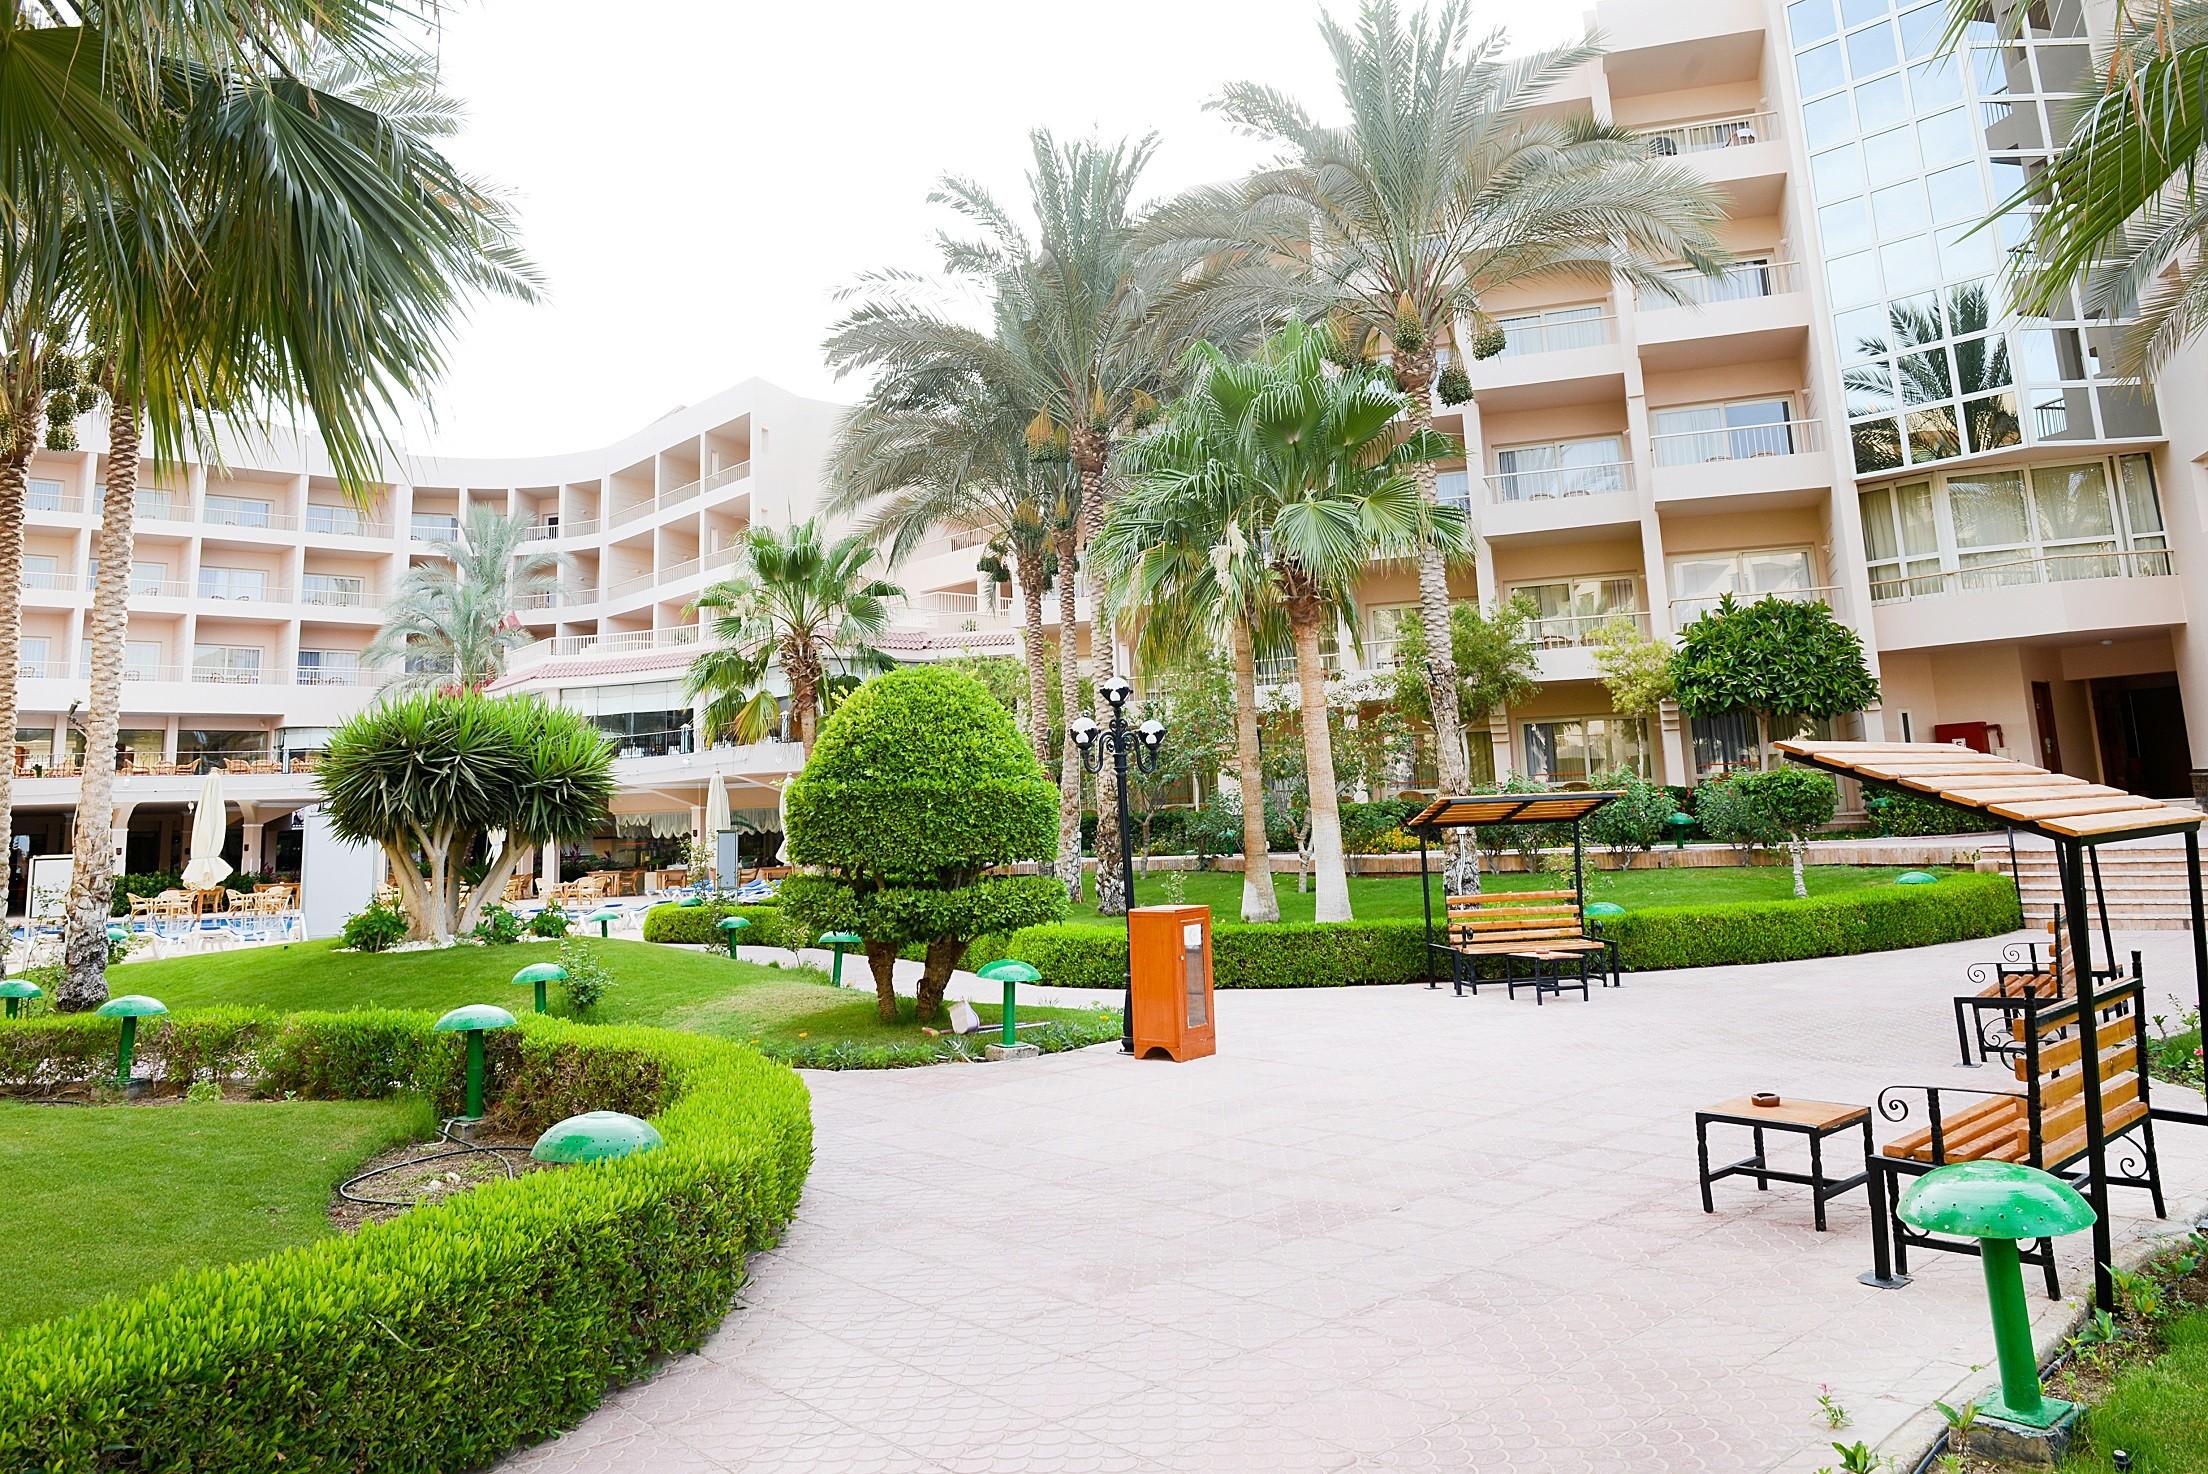 Sea Star Beau Rivage Hotel-Hurghada- Garden View2